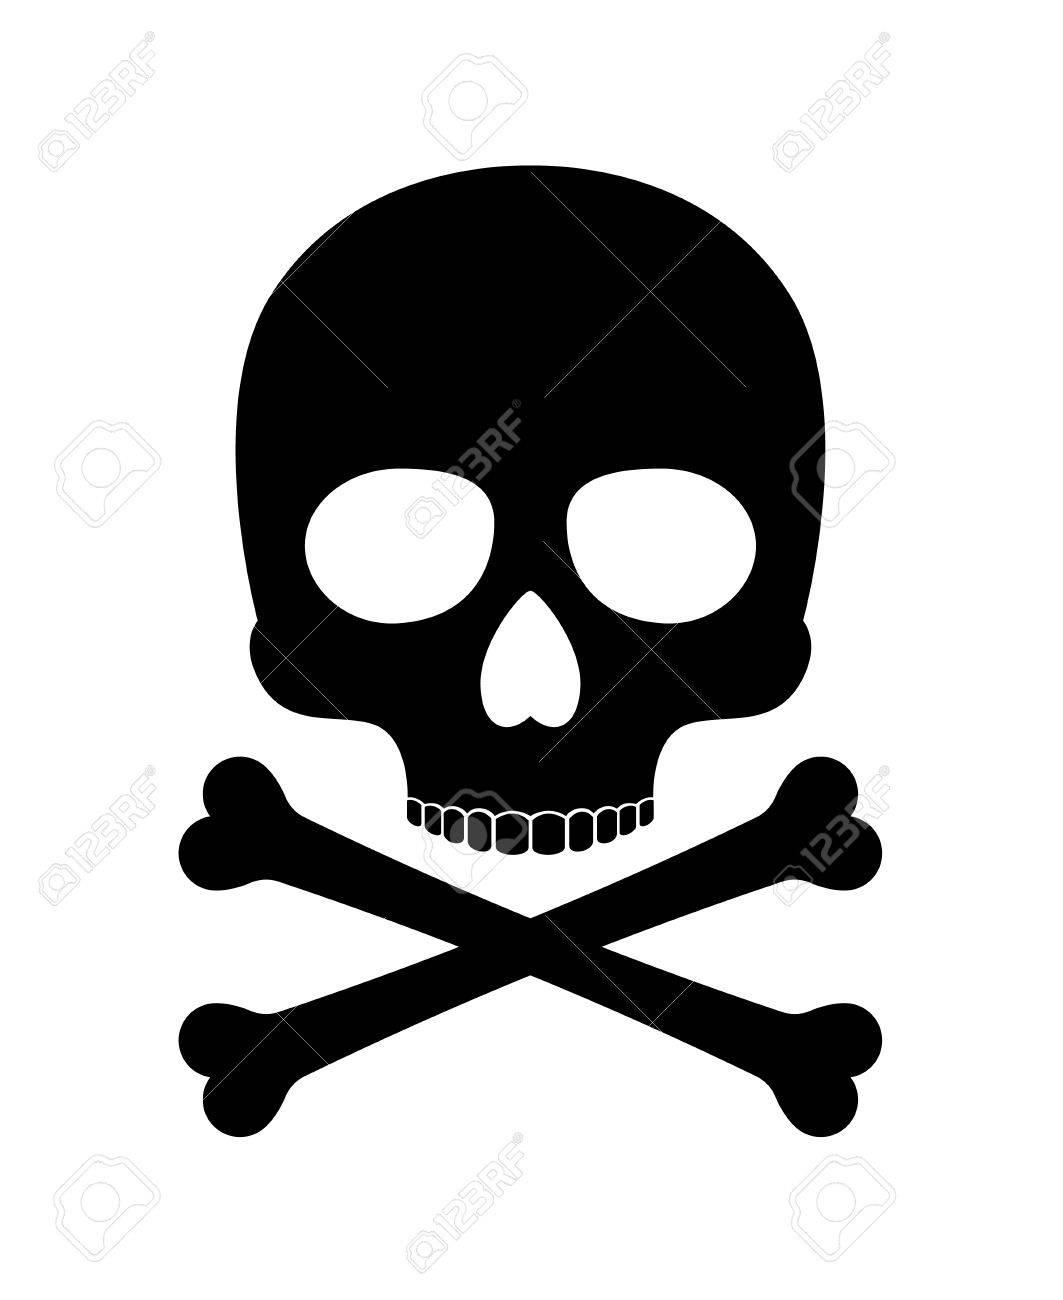 skull vector silhouette crossbones skull death icon isolated rh 123rf com skull vector free download skull vector image